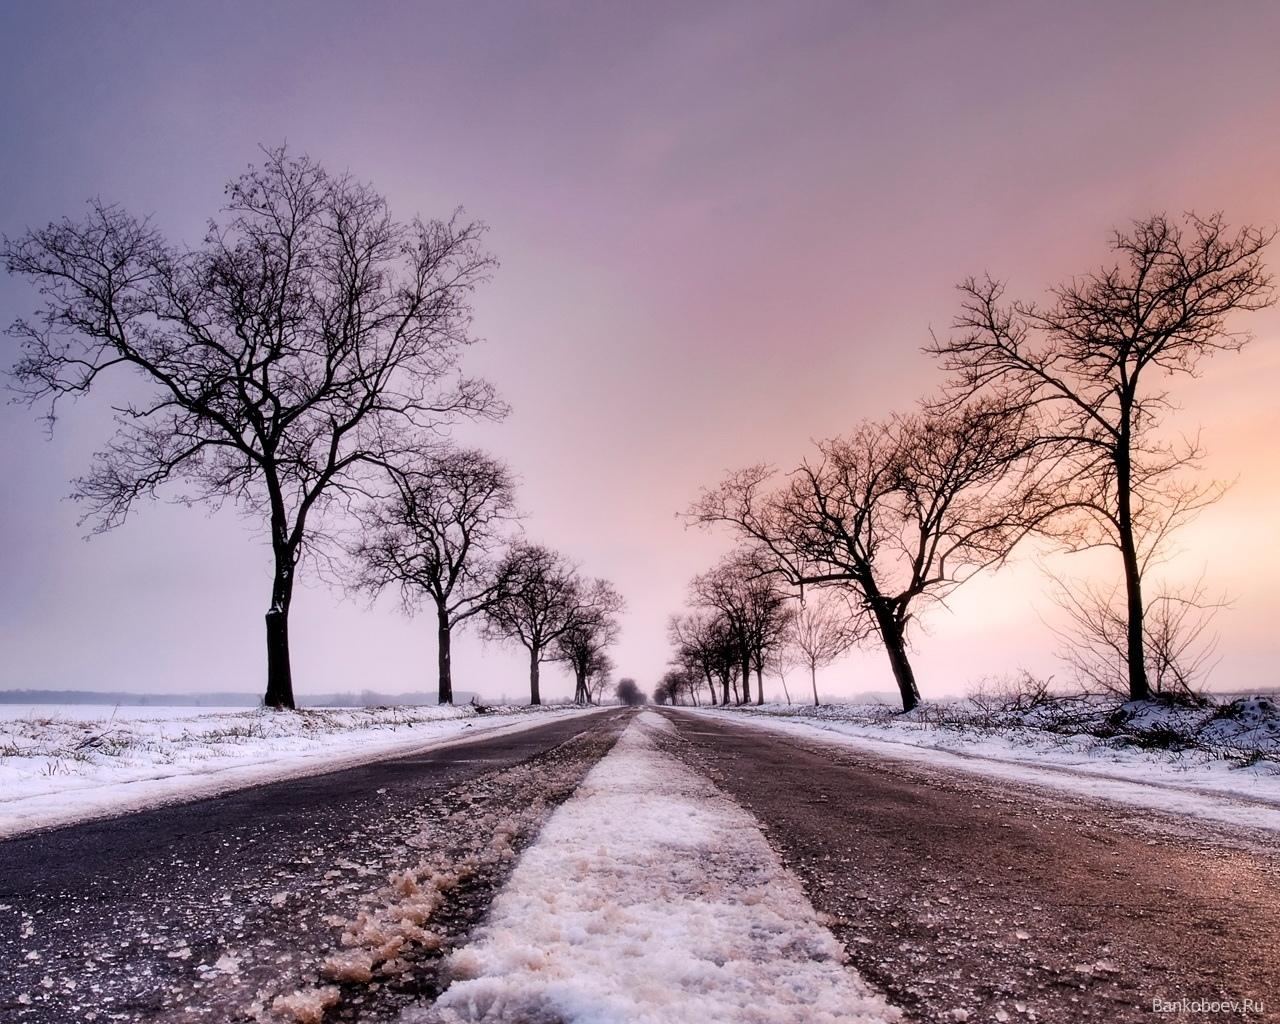 4202 скачать обои Пейзаж, Зима, Деревья, Дороги, Снег - заставки и картинки бесплатно